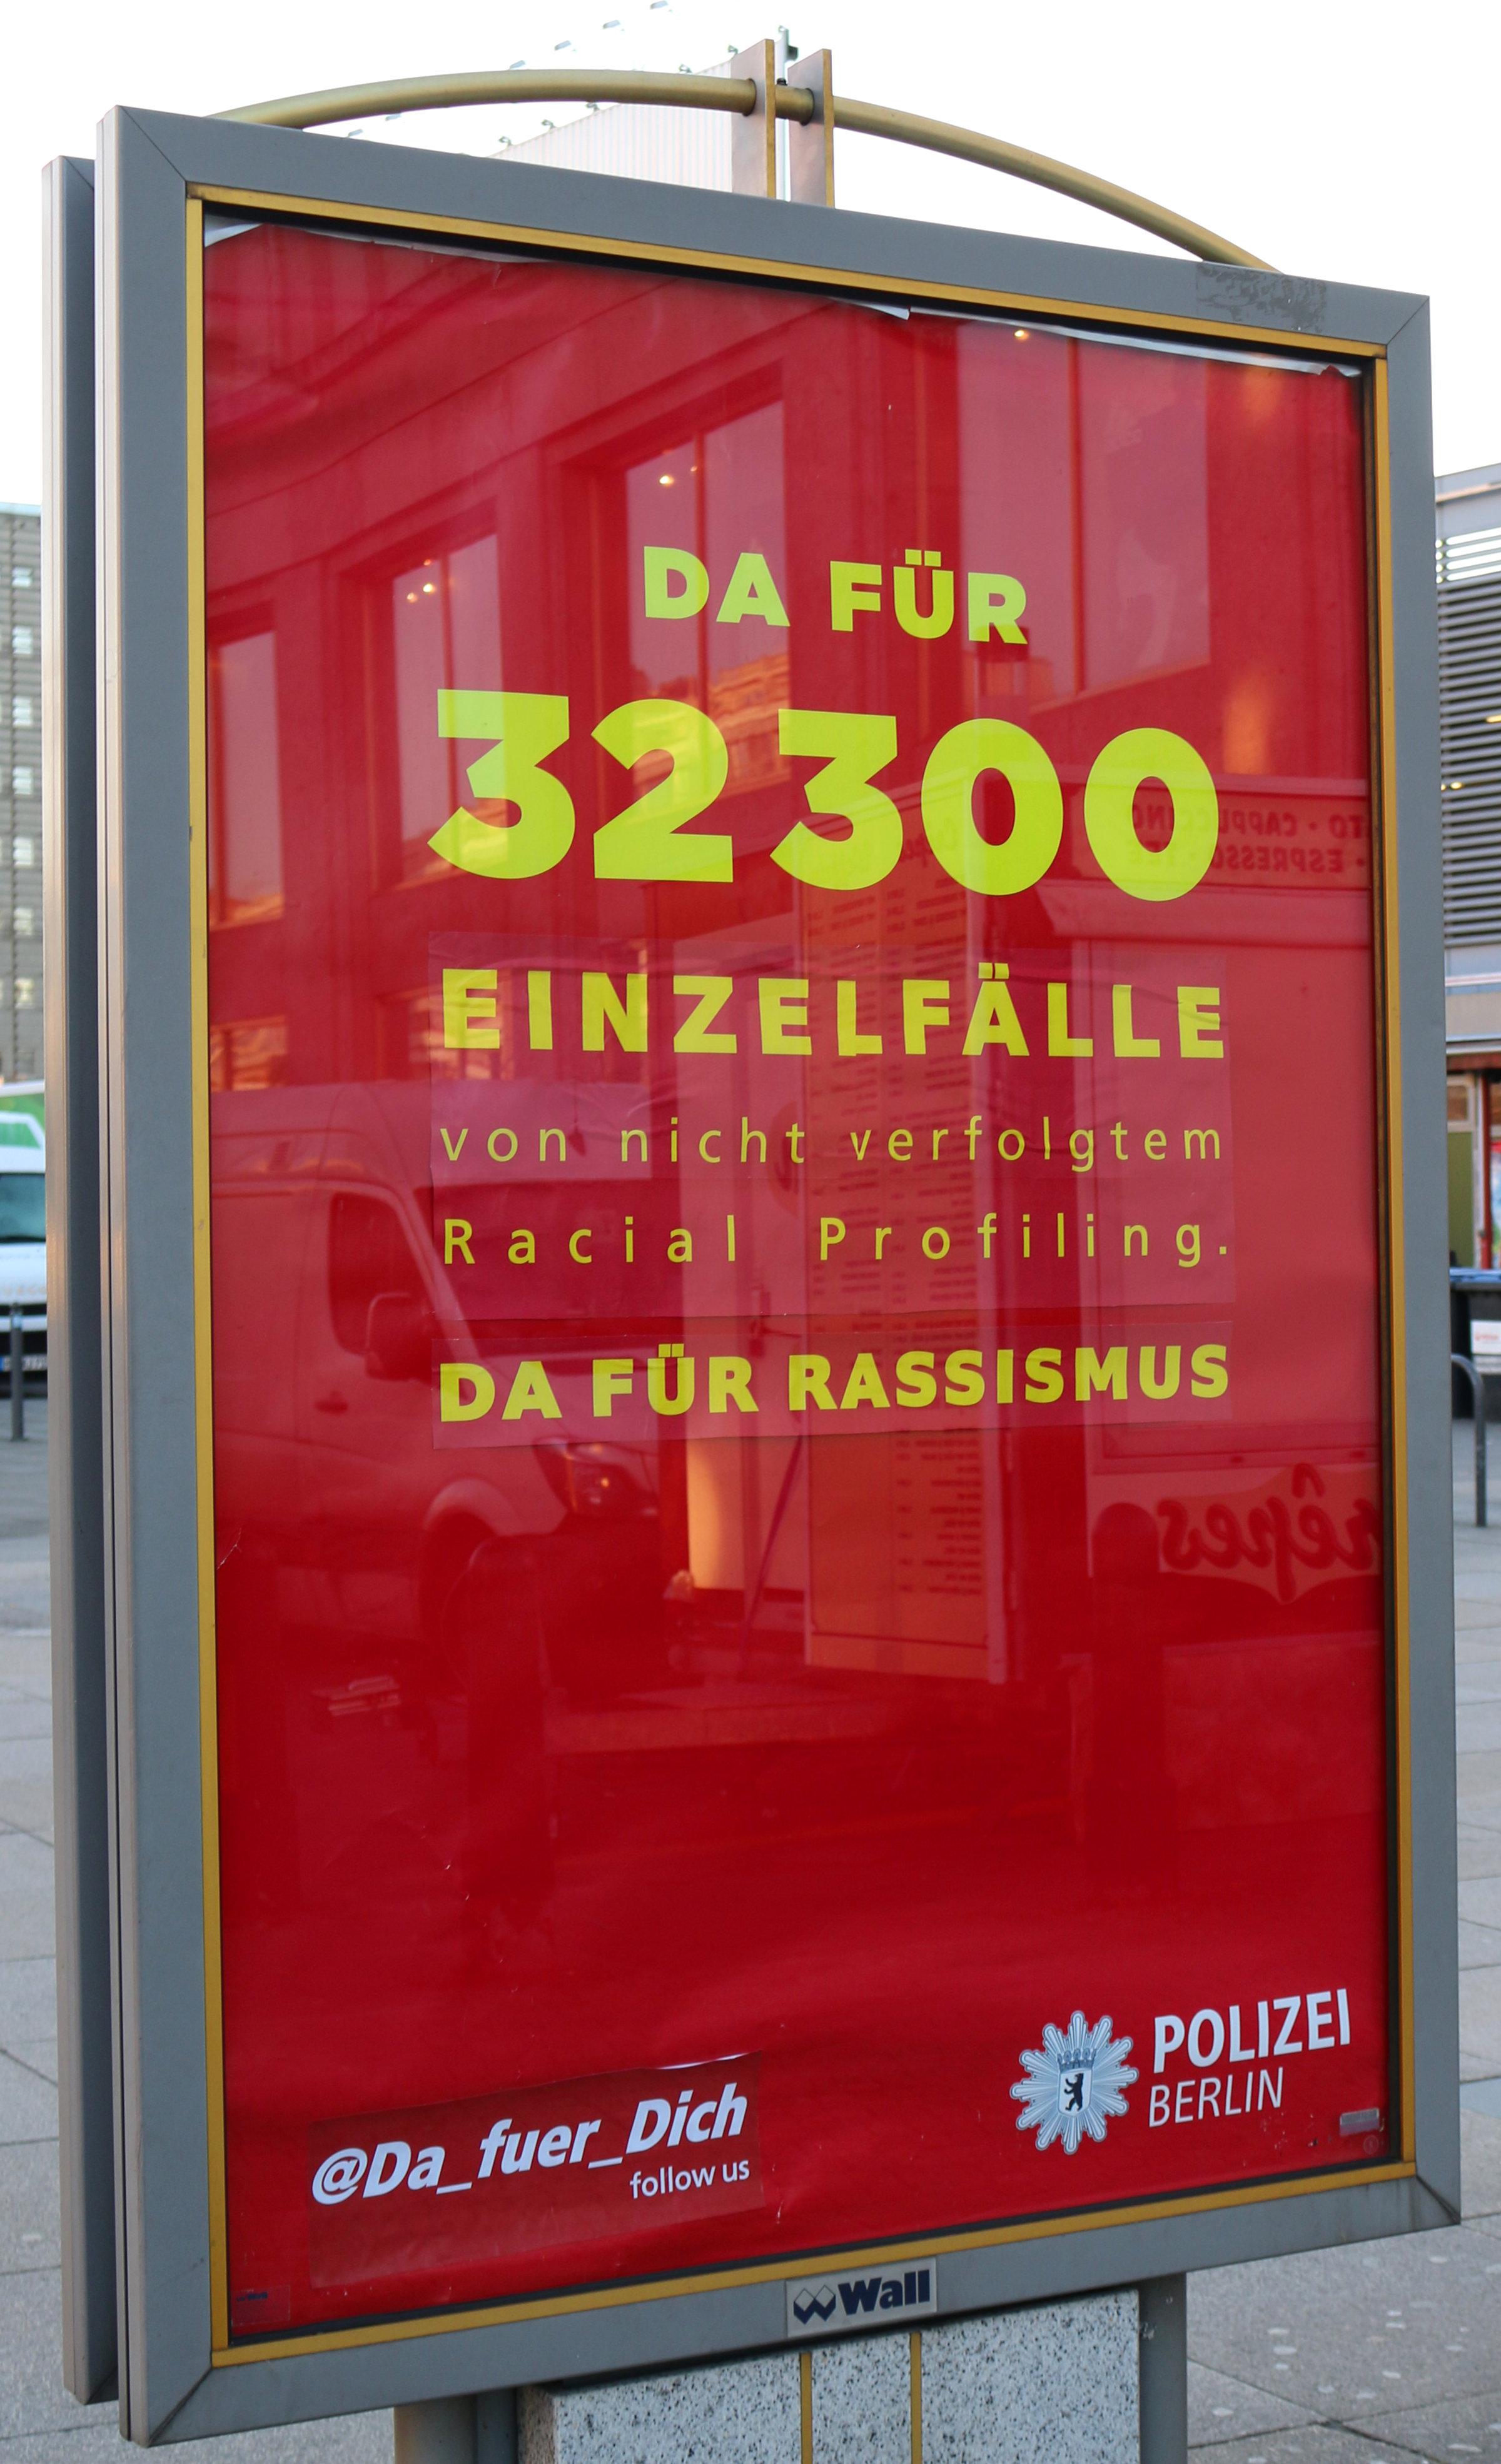 Adbusting gegen Rassismus bei der Polizei am Alex